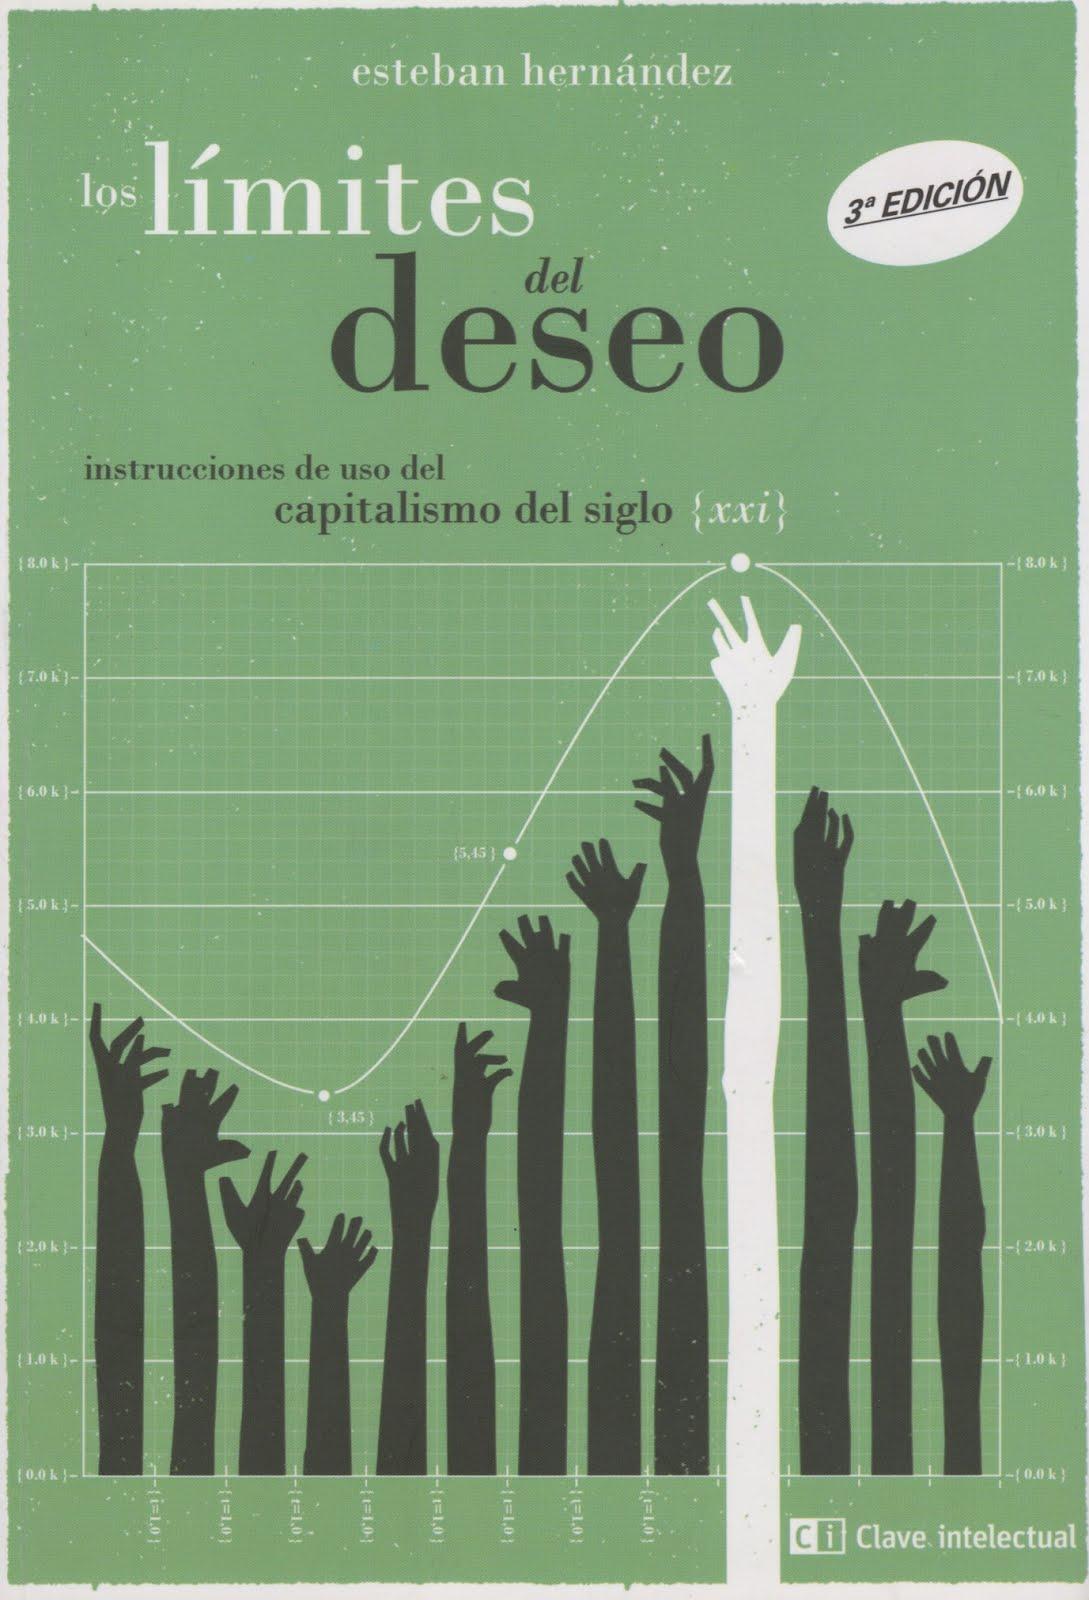 Esteban Hernández (Los límites del deseo) Instrucciones de uso del capitalismo del siglo XXI